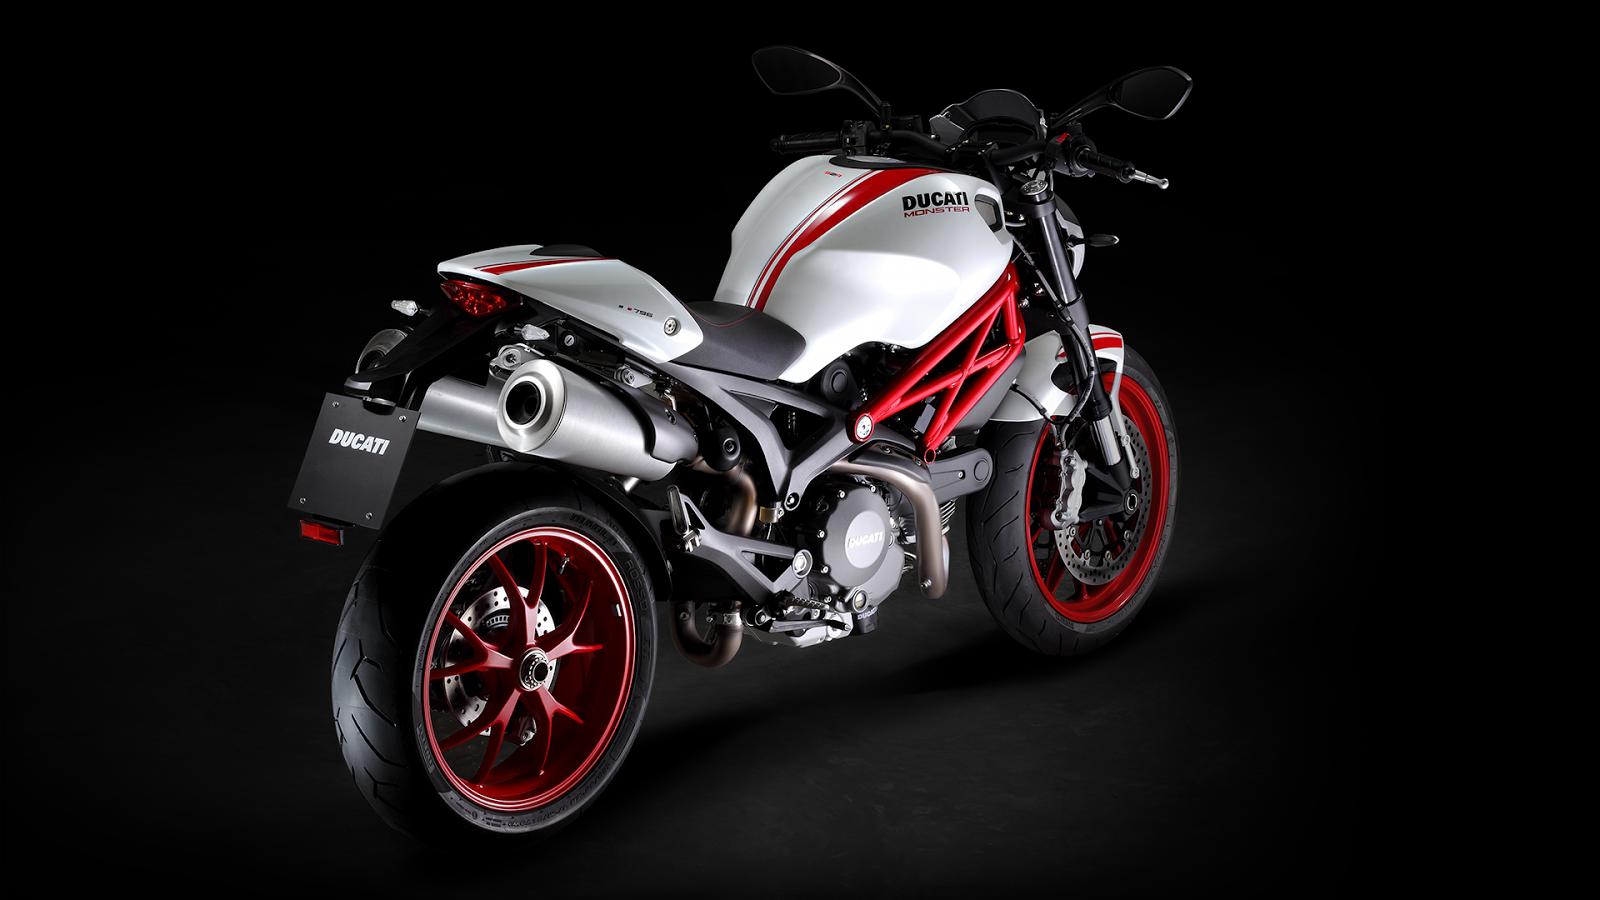 Ducati monster 796 2015